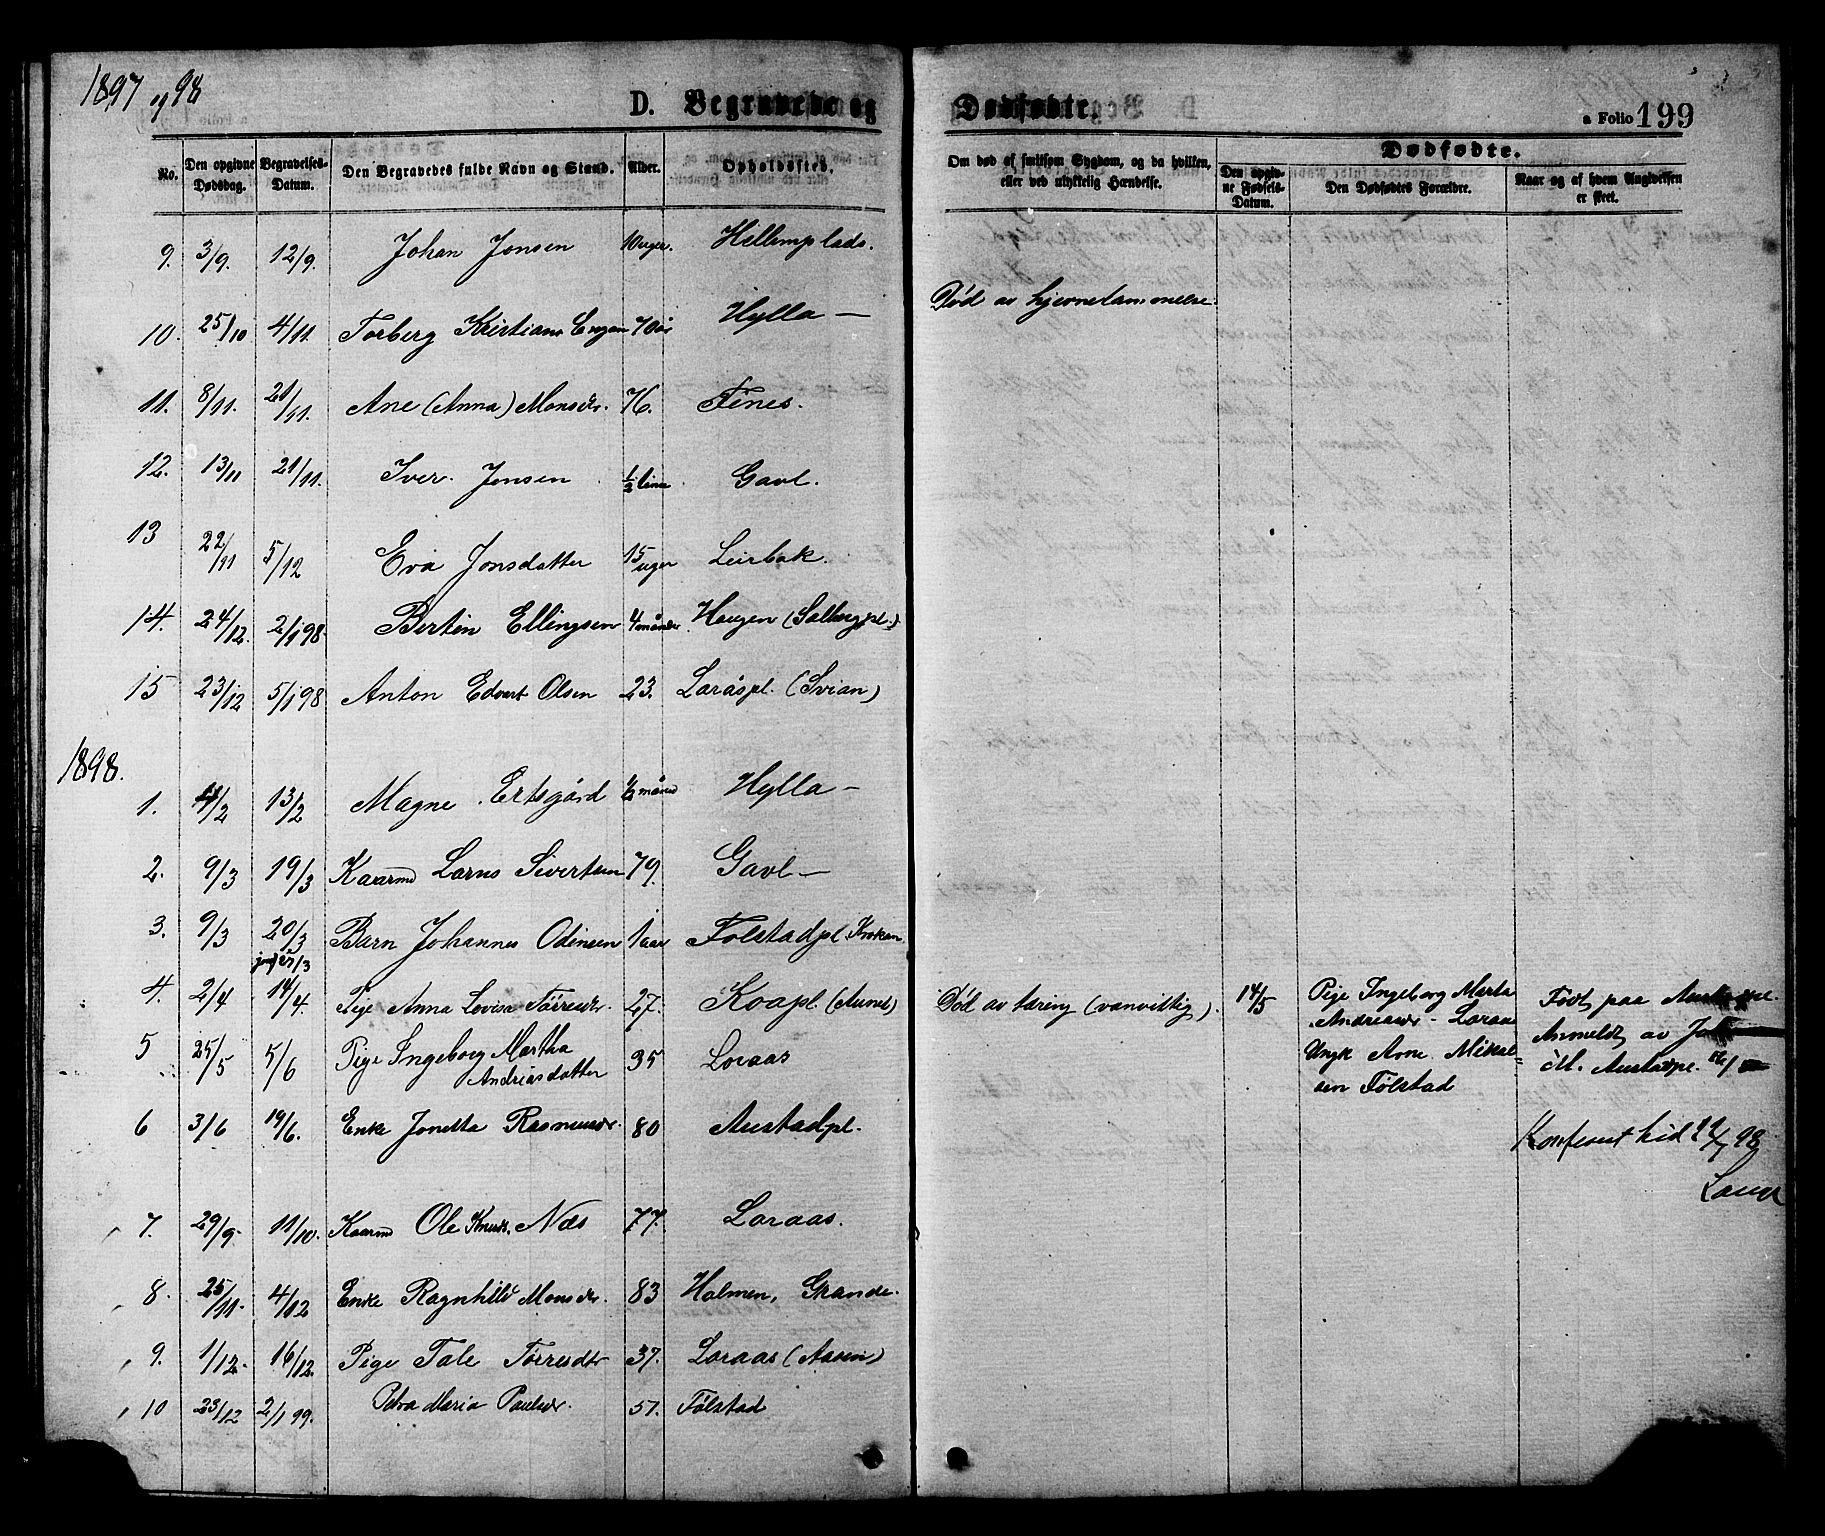 SAT, Ministerialprotokoller, klokkerbøker og fødselsregistre - Nord-Trøndelag, 731/L0311: Klokkerbok nr. 731C02, 1875-1911, s. 199